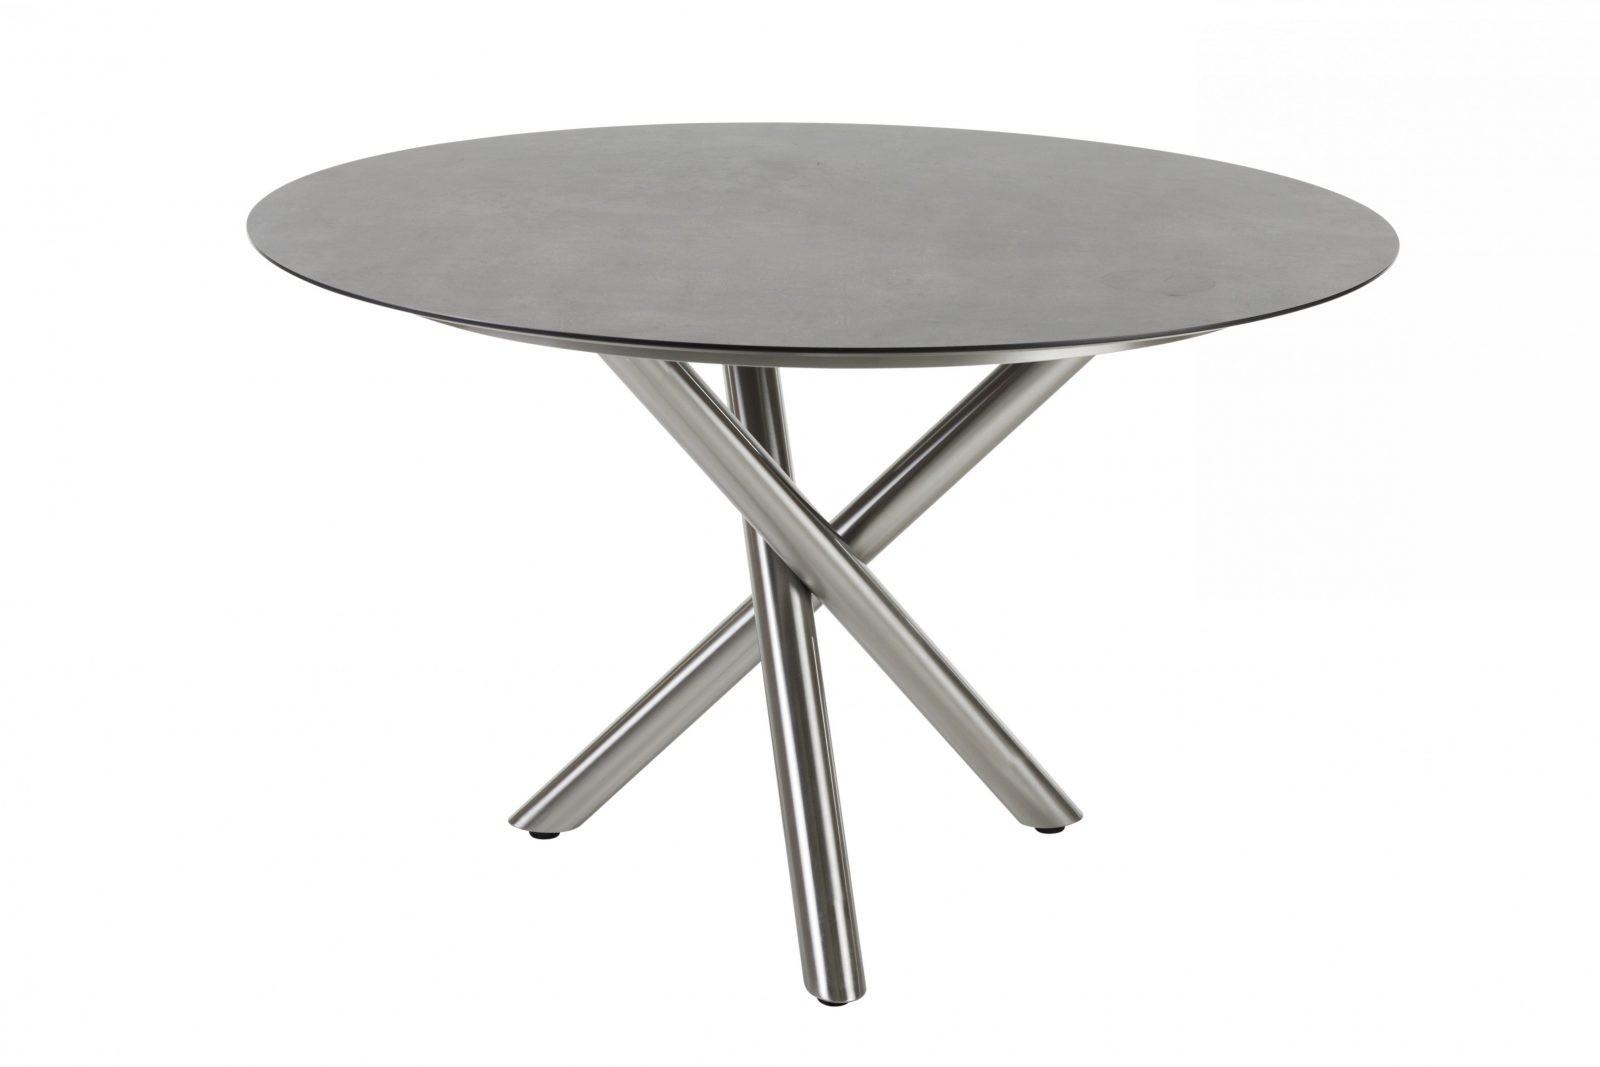 41 Perfekt Tisch Rund 80 Cm Für Ihre Dekor Inspirationen  Tische Ideen von Gartentisch Rund 120 Cm Metall Photo